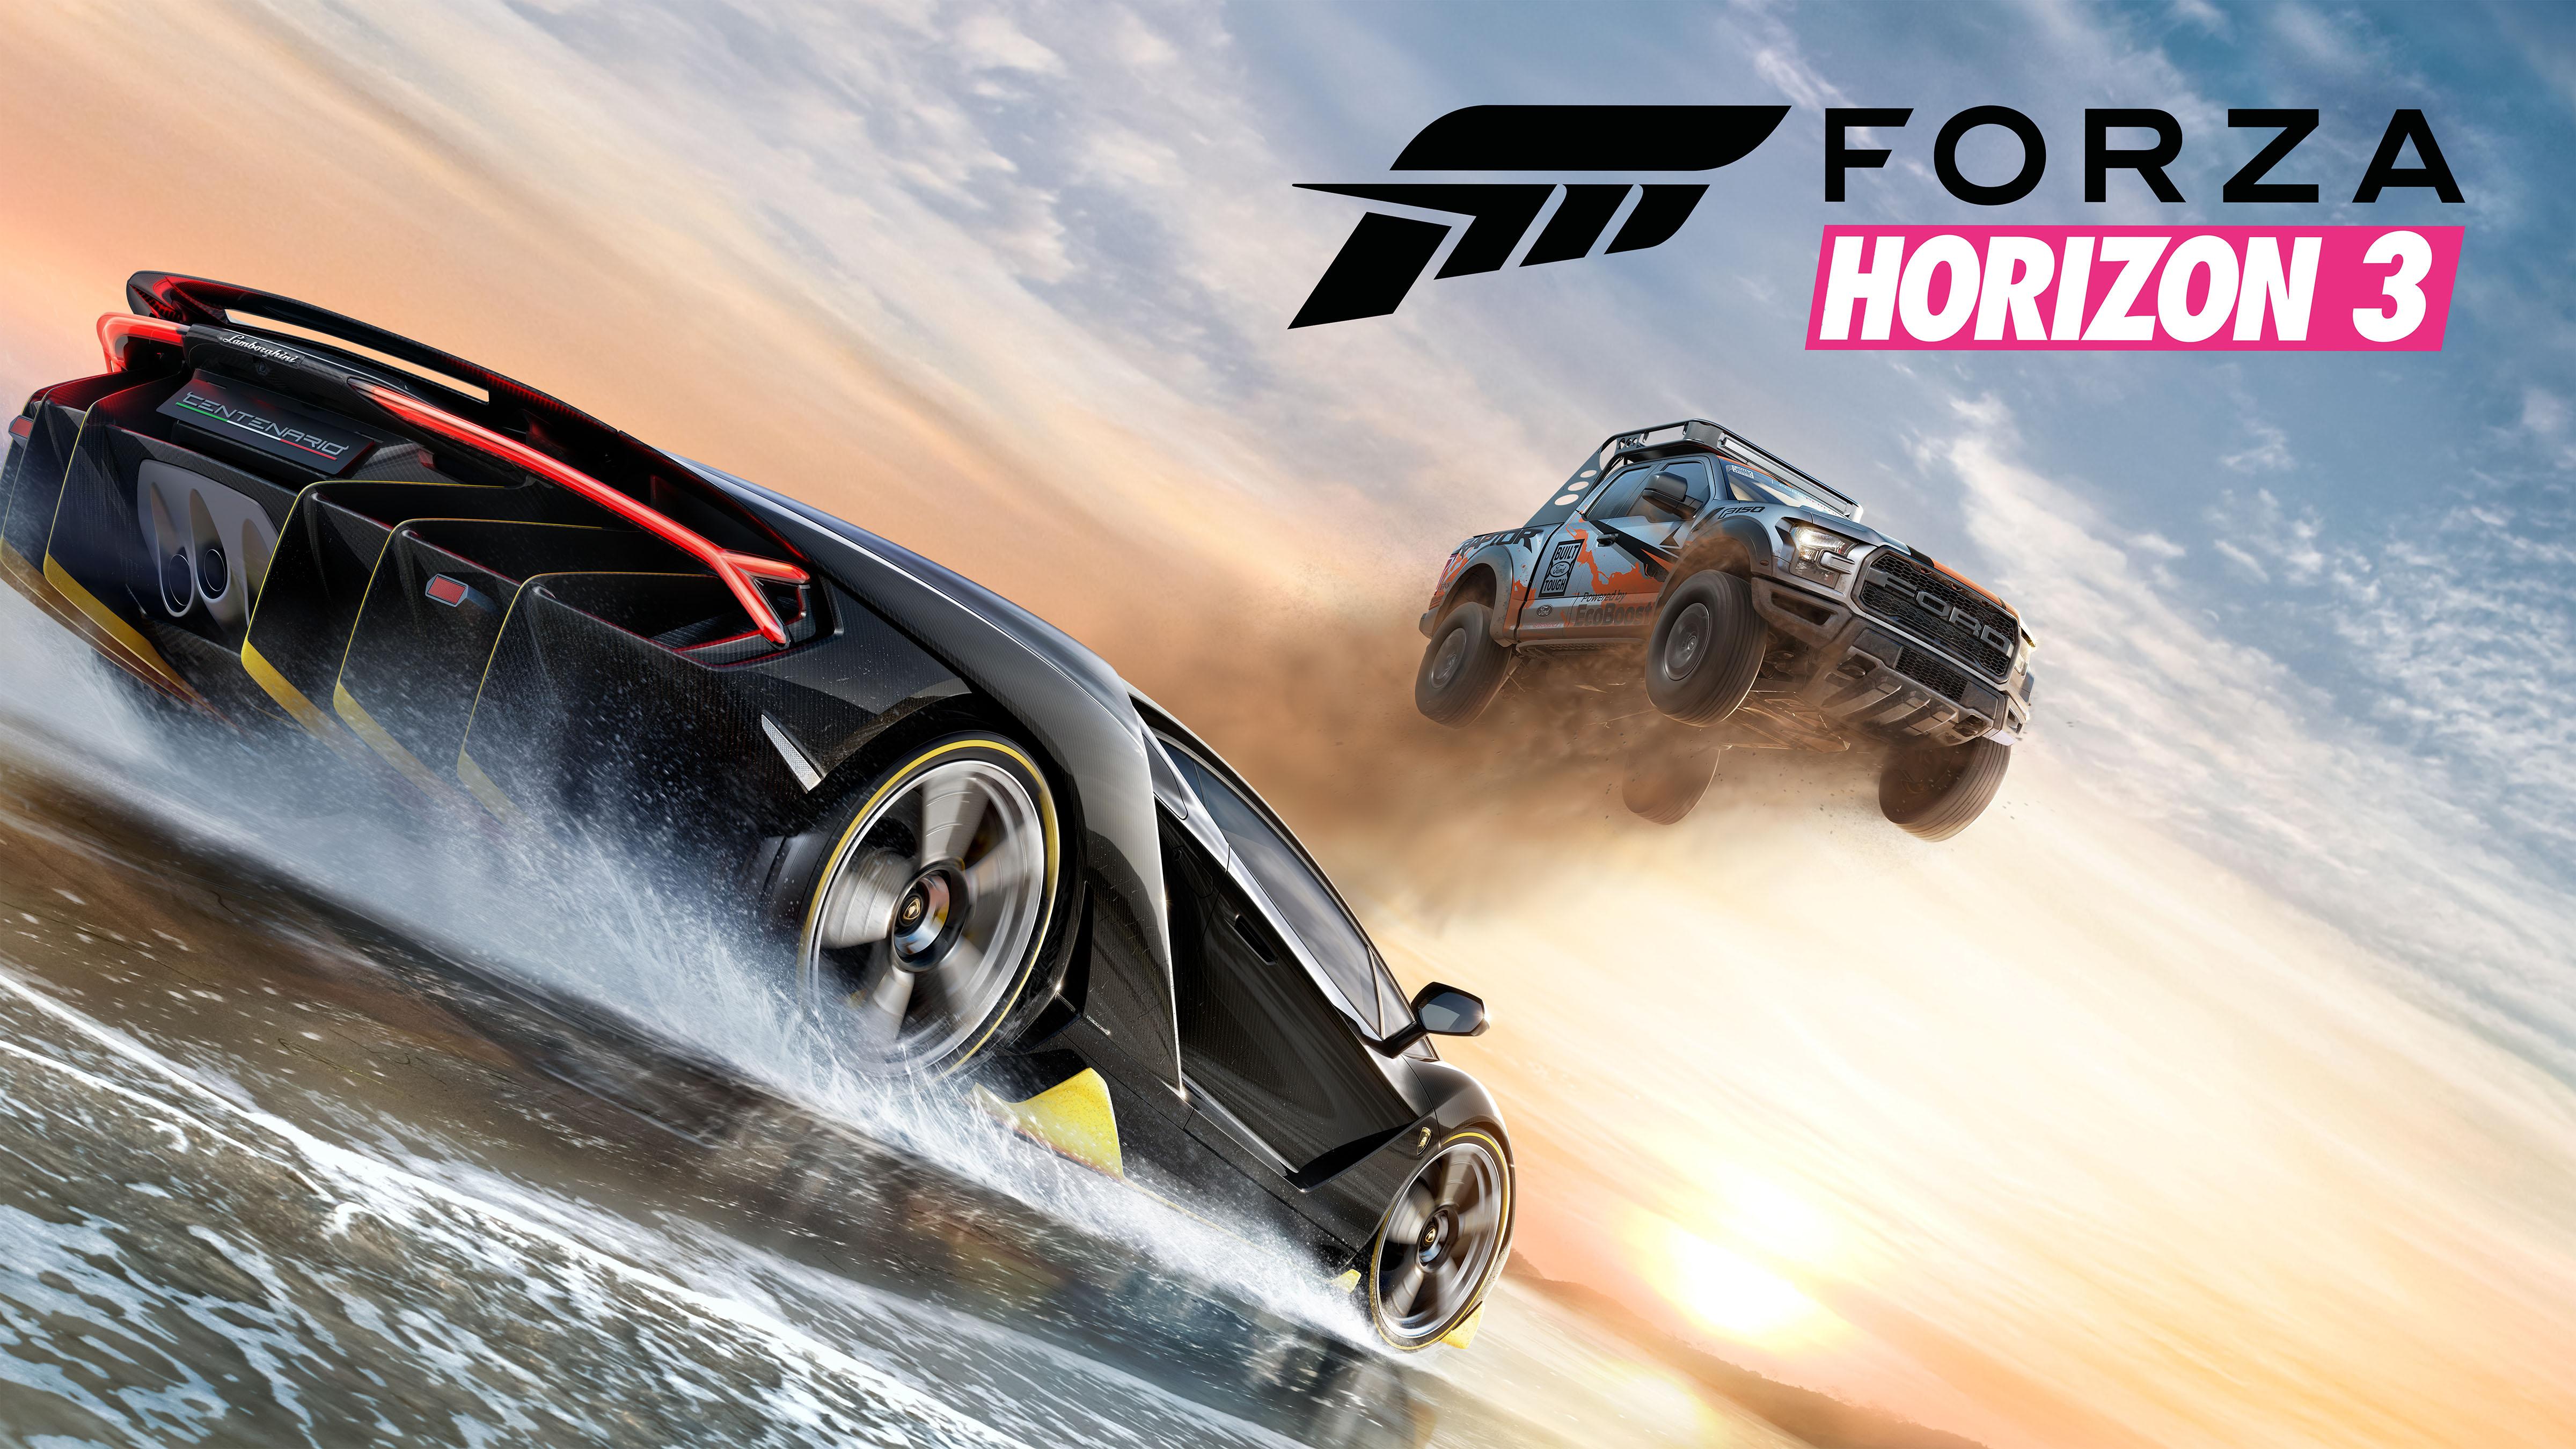 Forza Horizon 3 Horizontal Key Art